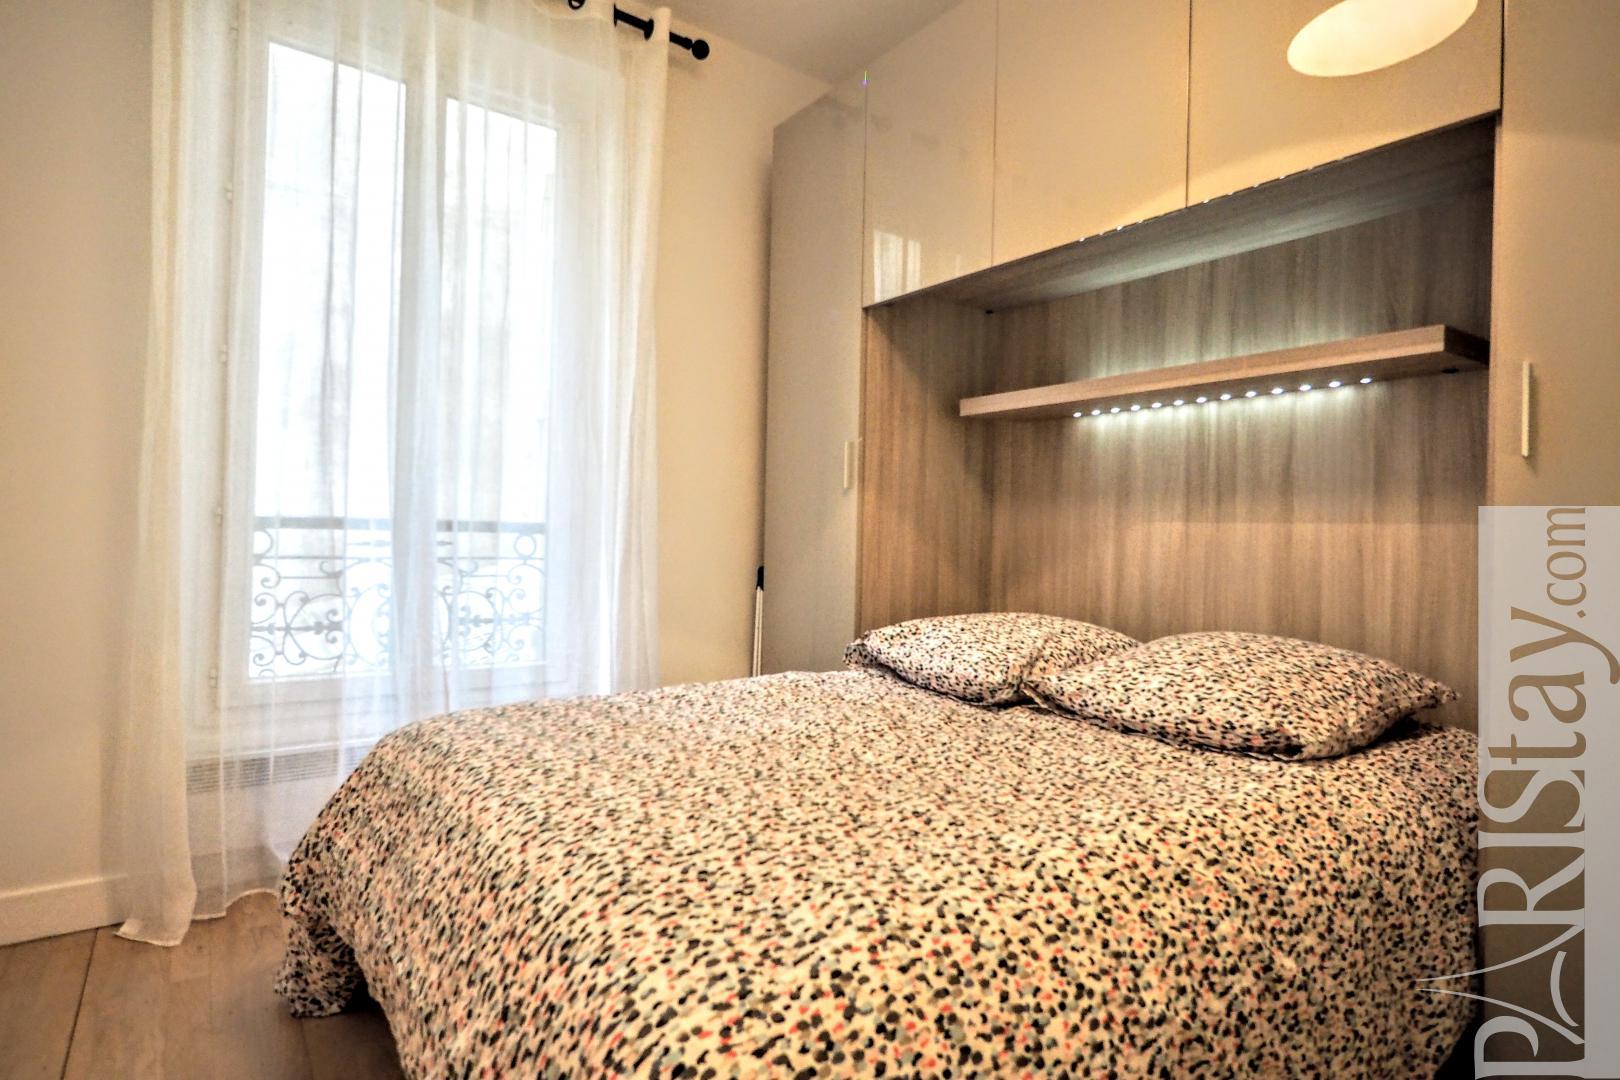 Location appartement meuble paris t2 bastille republique for Louer appartement meuble paris